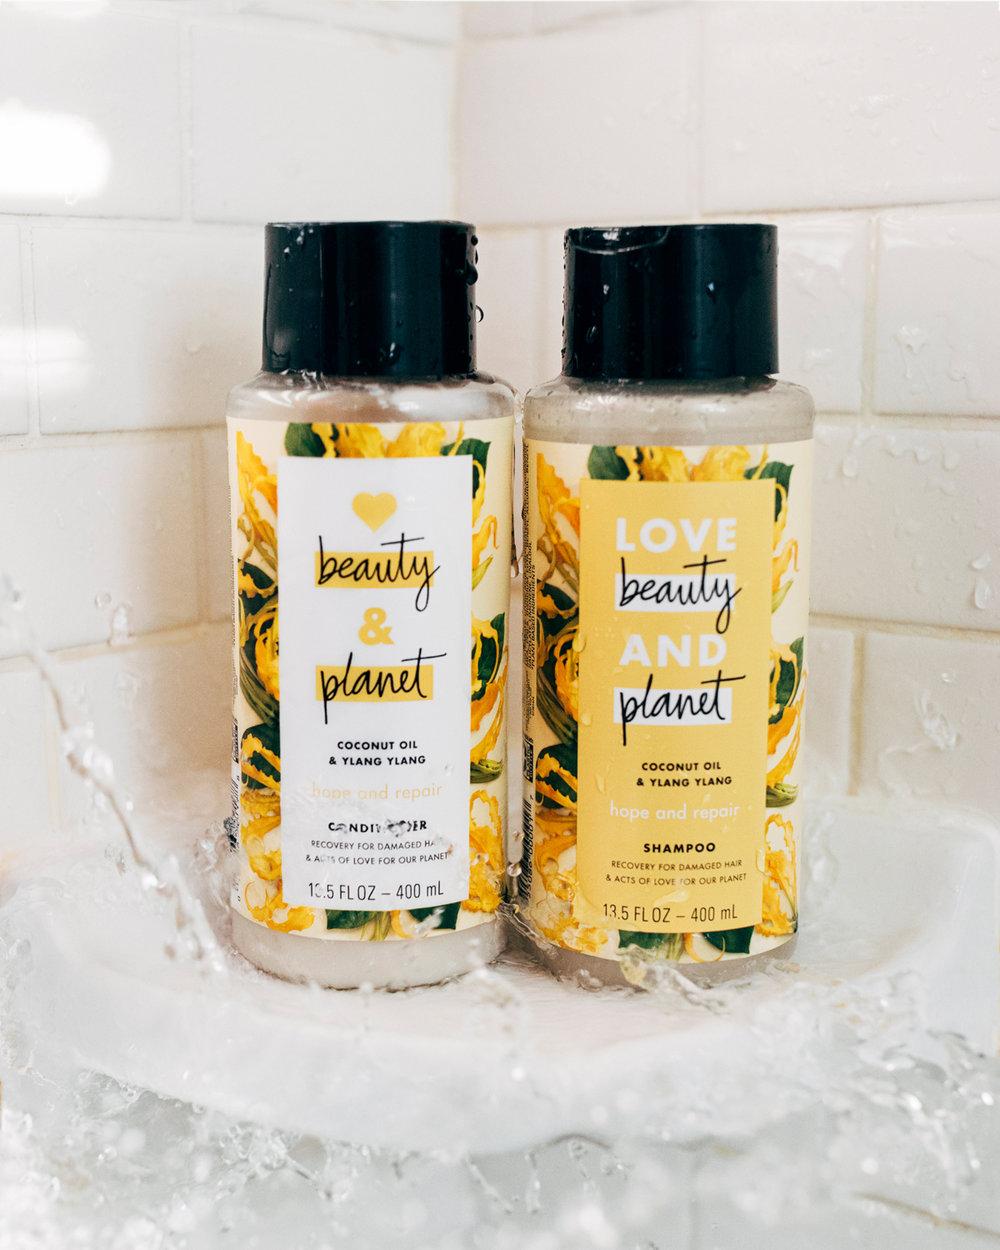 สินค้า Beauty Bath มาพร้อมส่วนลด Big C ราคาเริ่มต้นแค่ 36 บาทเท่านั้น